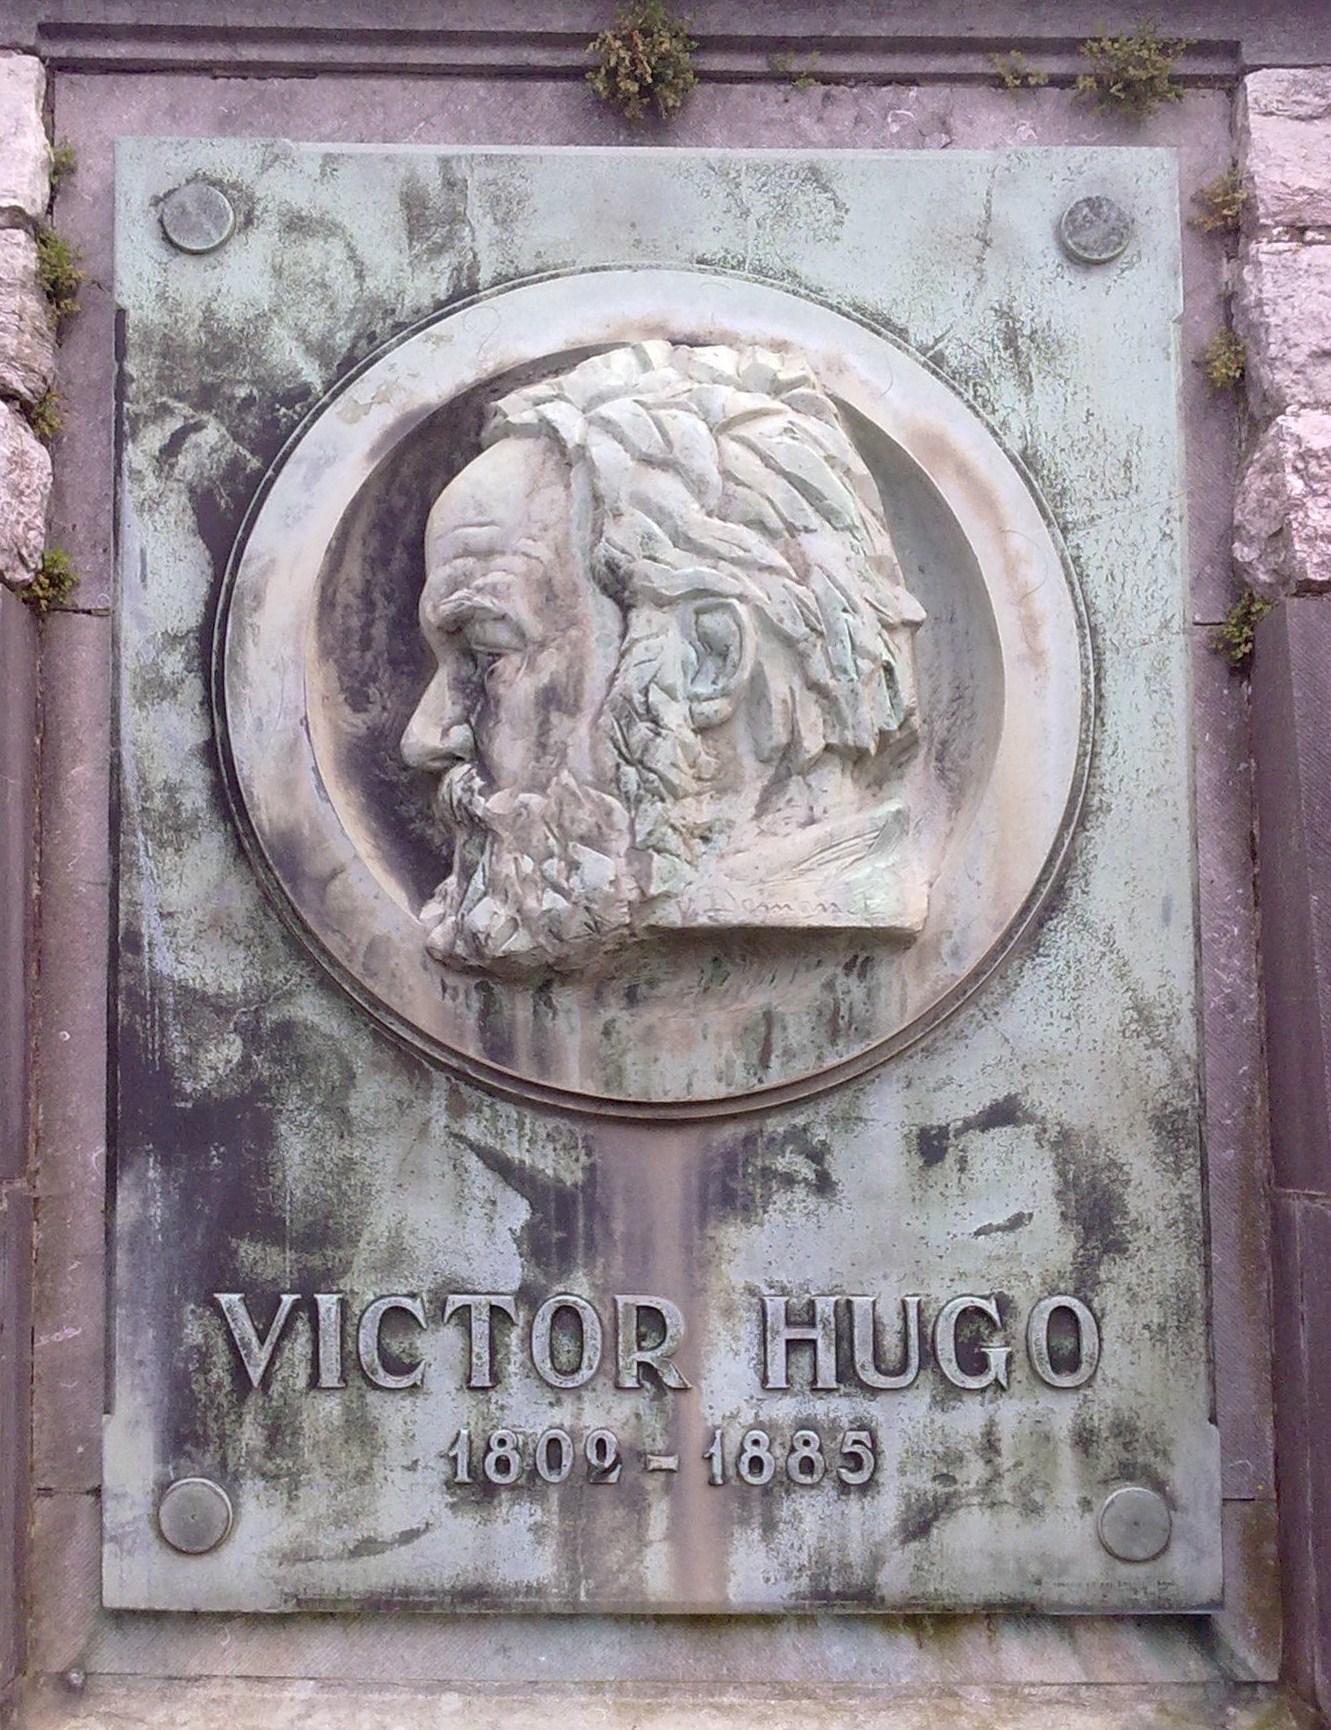 Imagen del autor en la <em>Colonne Victor Hugo</em> en Waterloo (Bélgica).